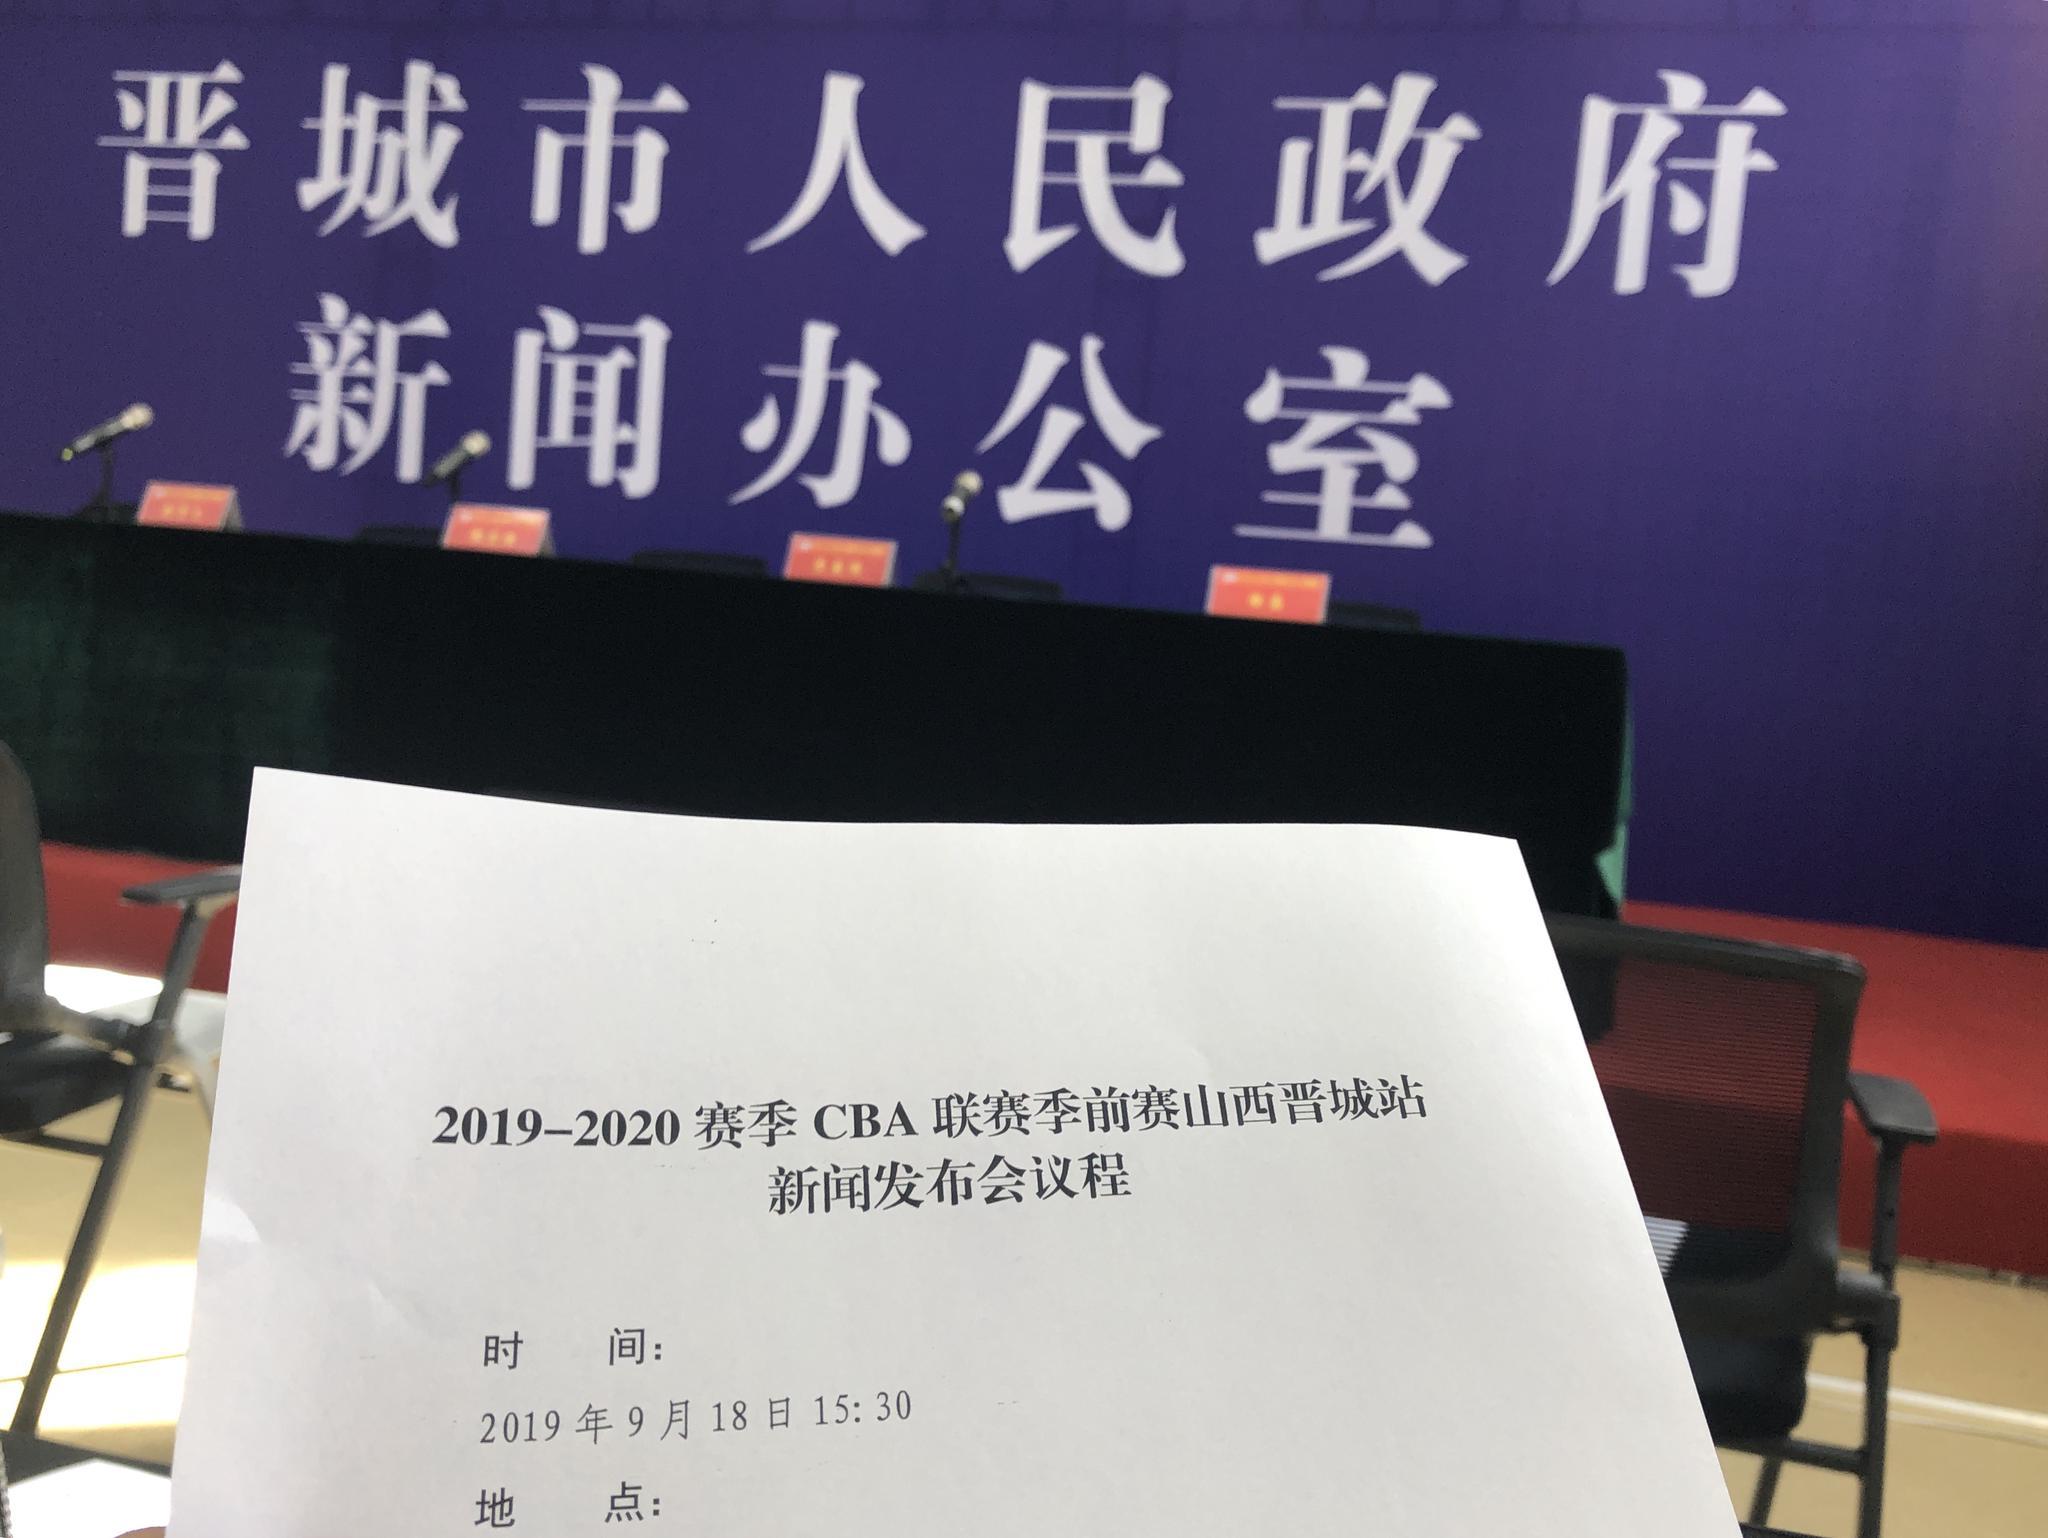 2019-2020赛季CBA联赛季前赛山西晋城站新闻发布会在市体育局举行!